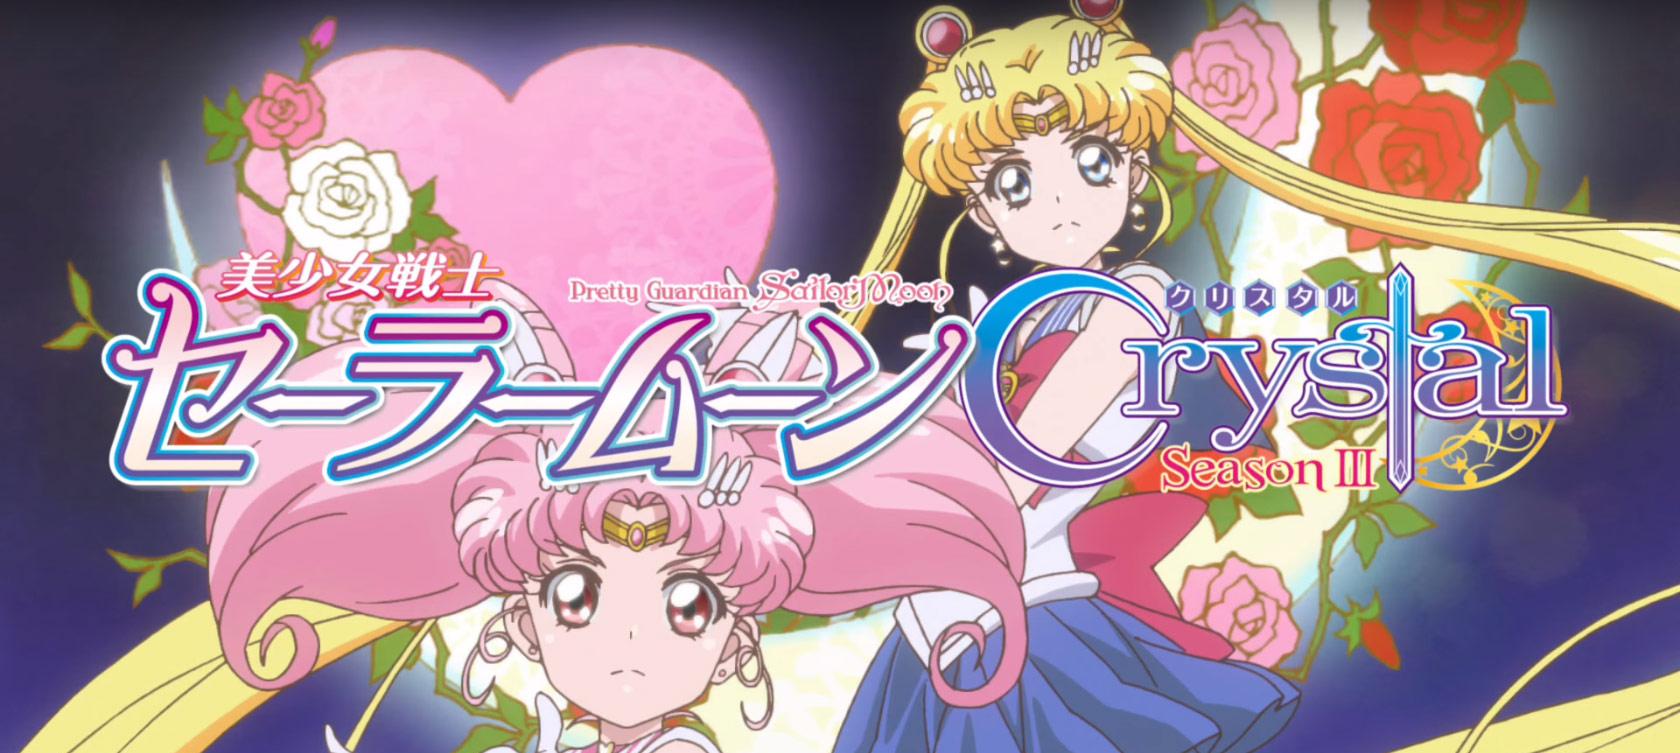 SailorMoonCrystalSeason3-SailorMoonChibiMoonPose